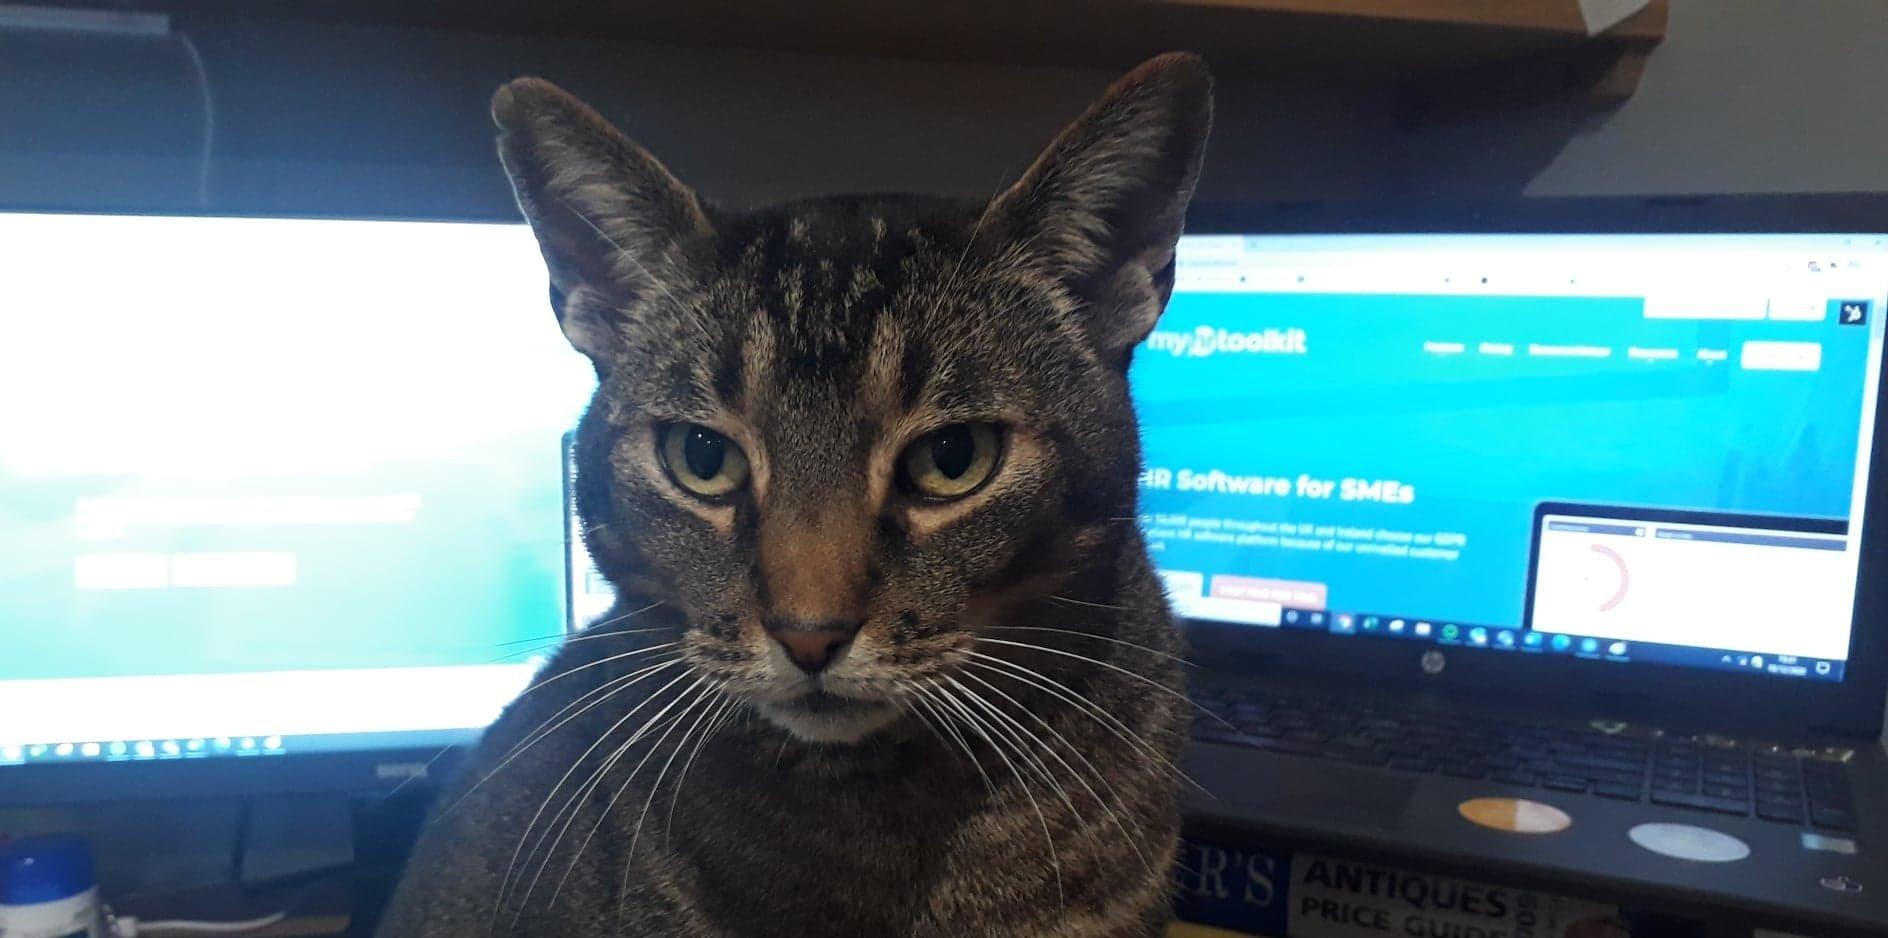 webinar-video-call-distractions-pets